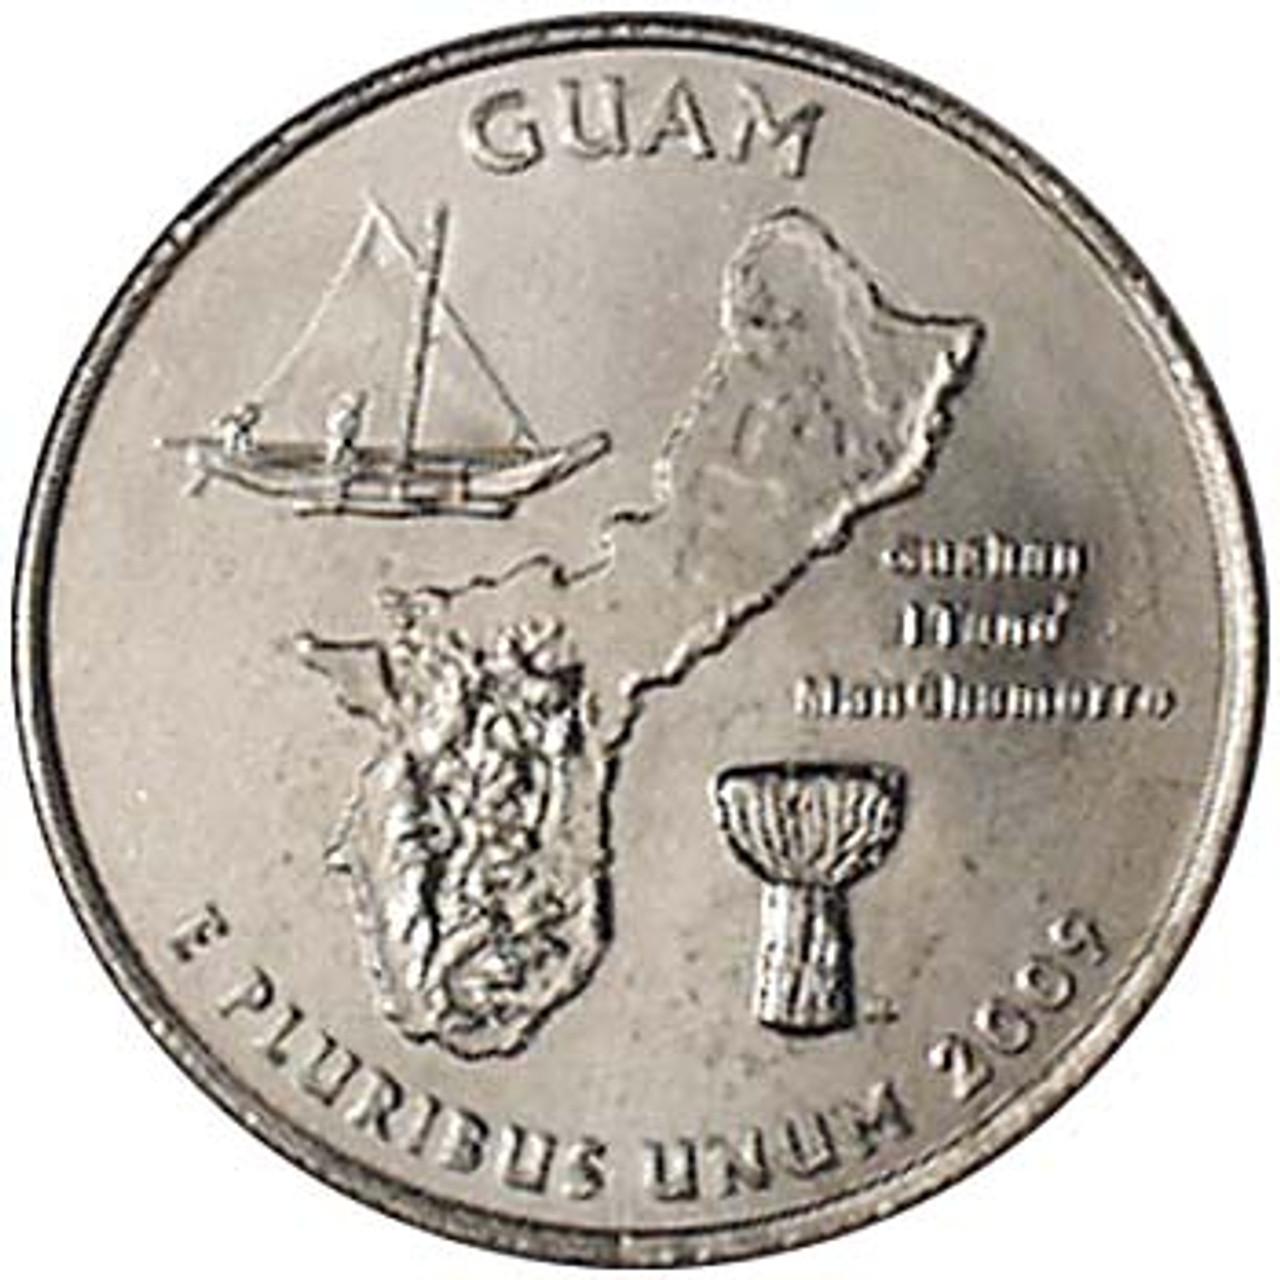 2009-P Guam Quarter Brilliant Uncirculated Image 1